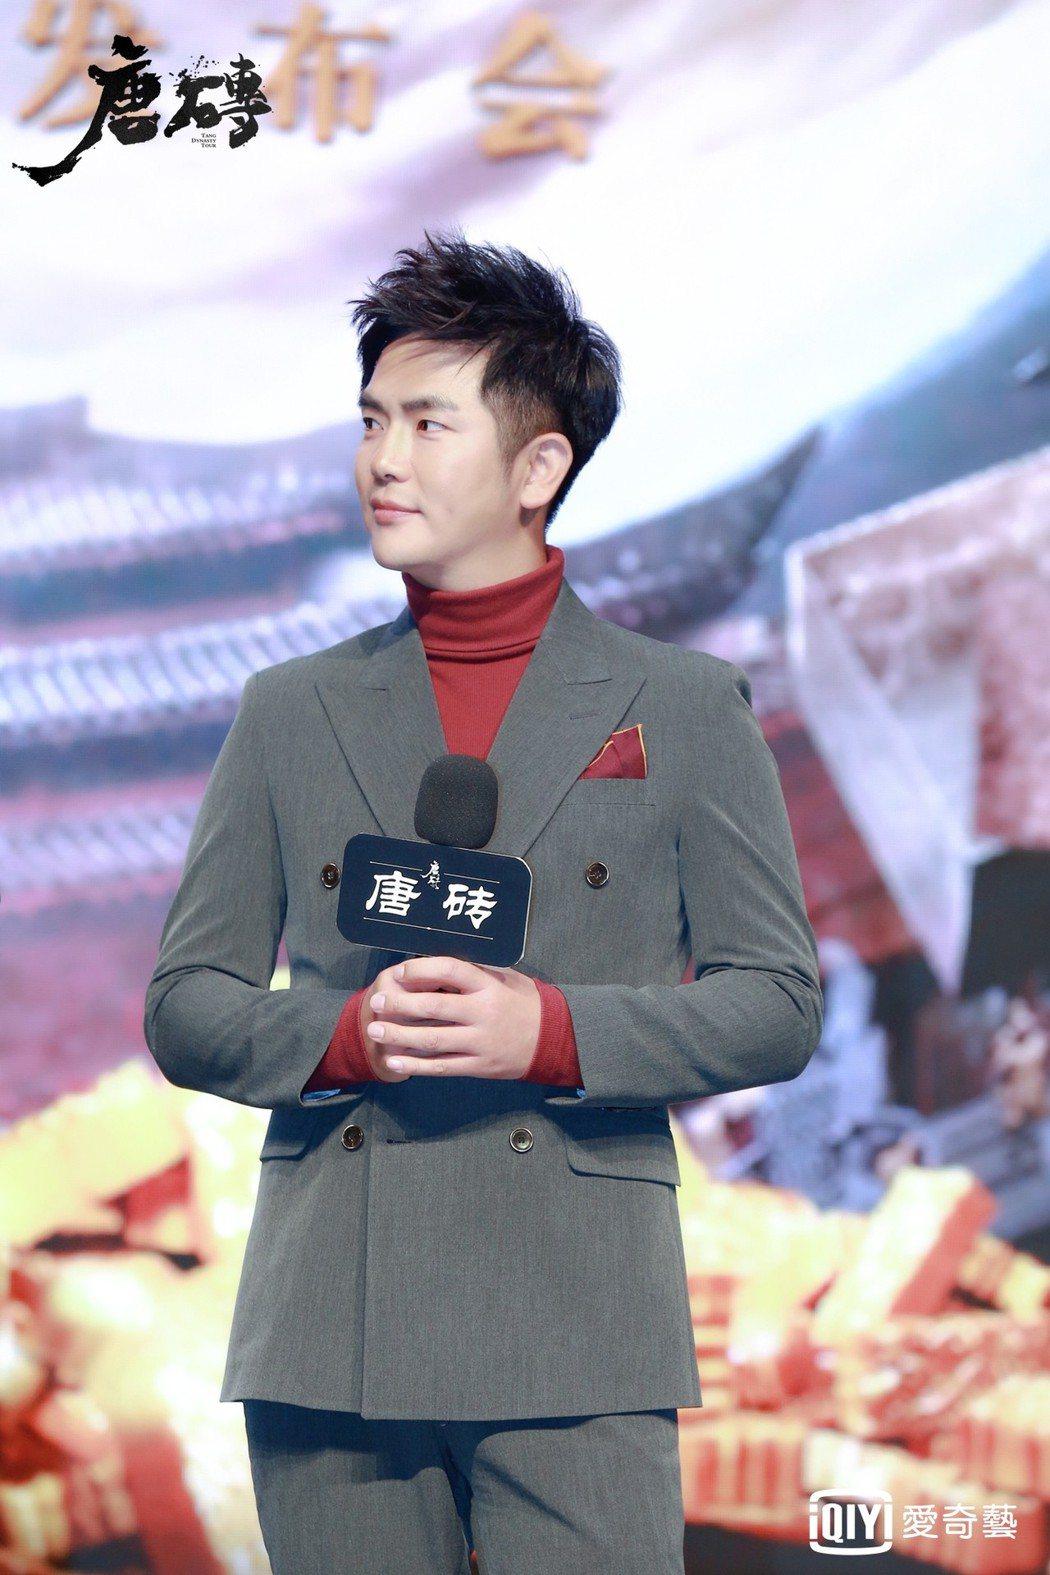 張曉龍擔任「唐磚」總製片。圖/愛奇藝台灣站提供